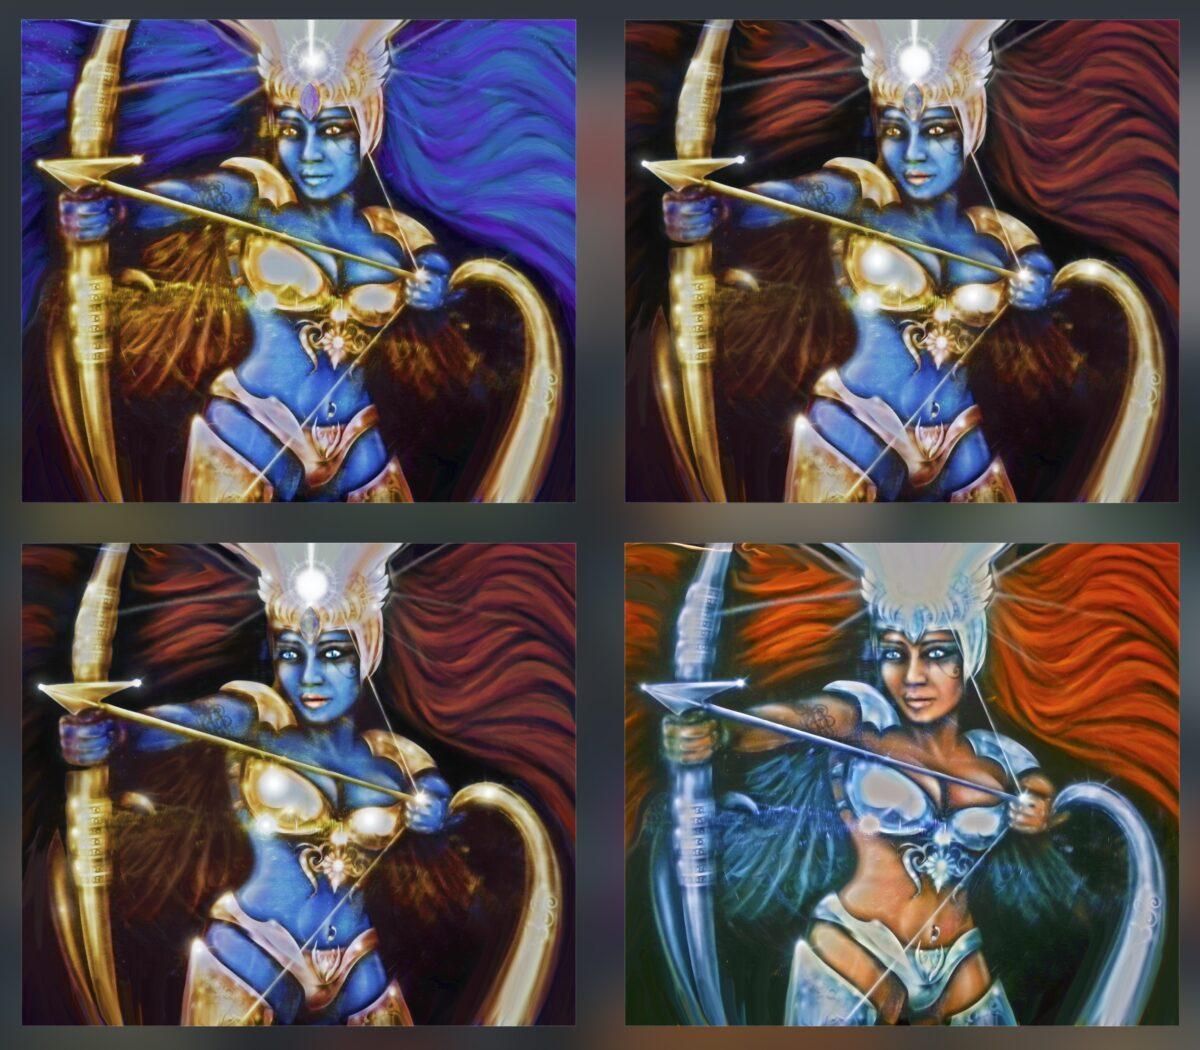 Blue Warrior Goddess Evolving